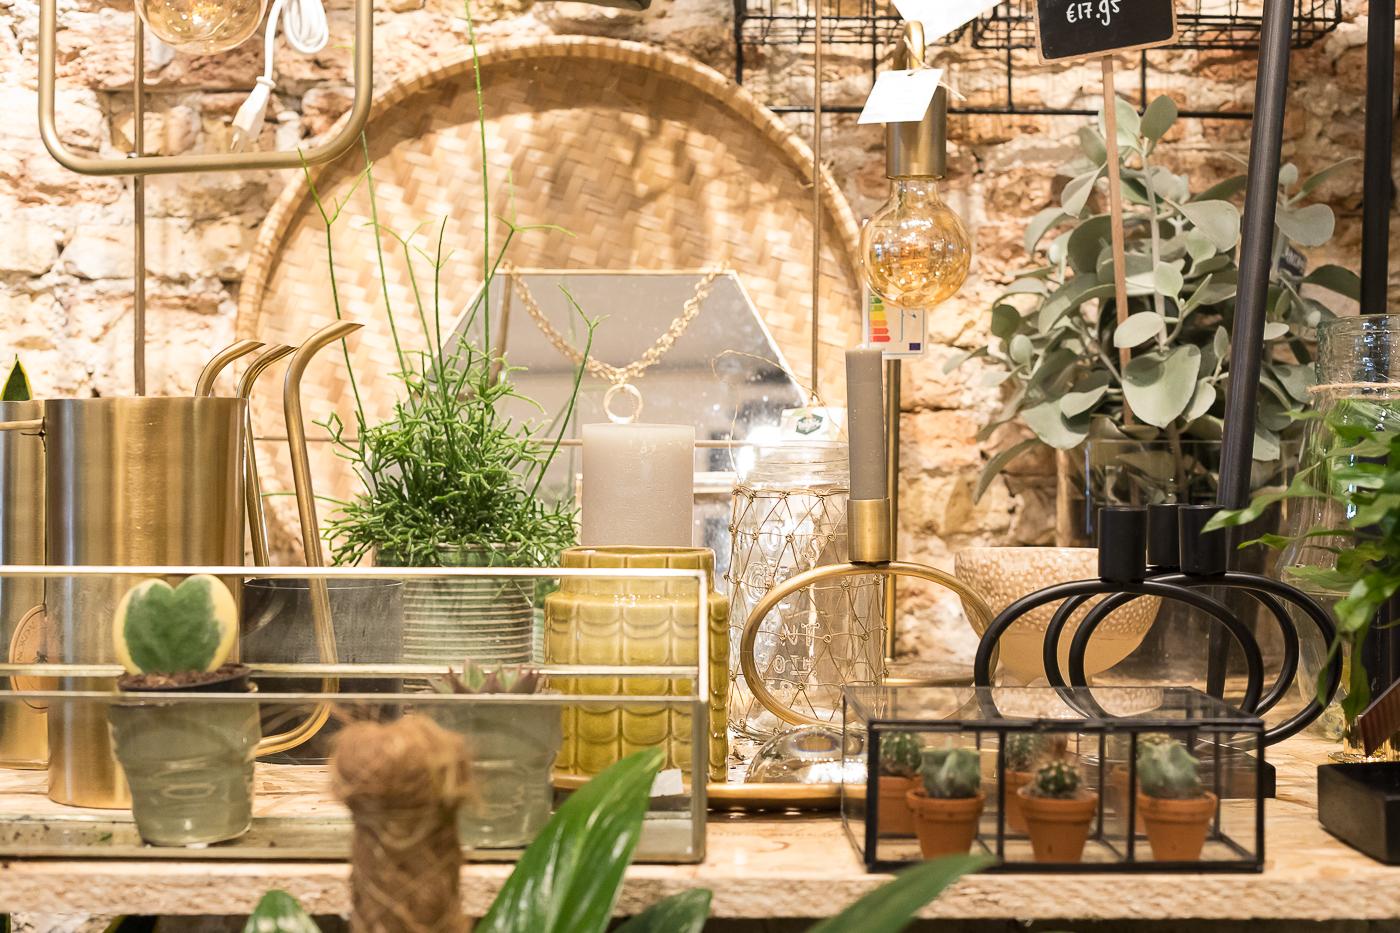 fotografie-locatie-winkel-interieur-styling-groene-vingers-delft-slider-61